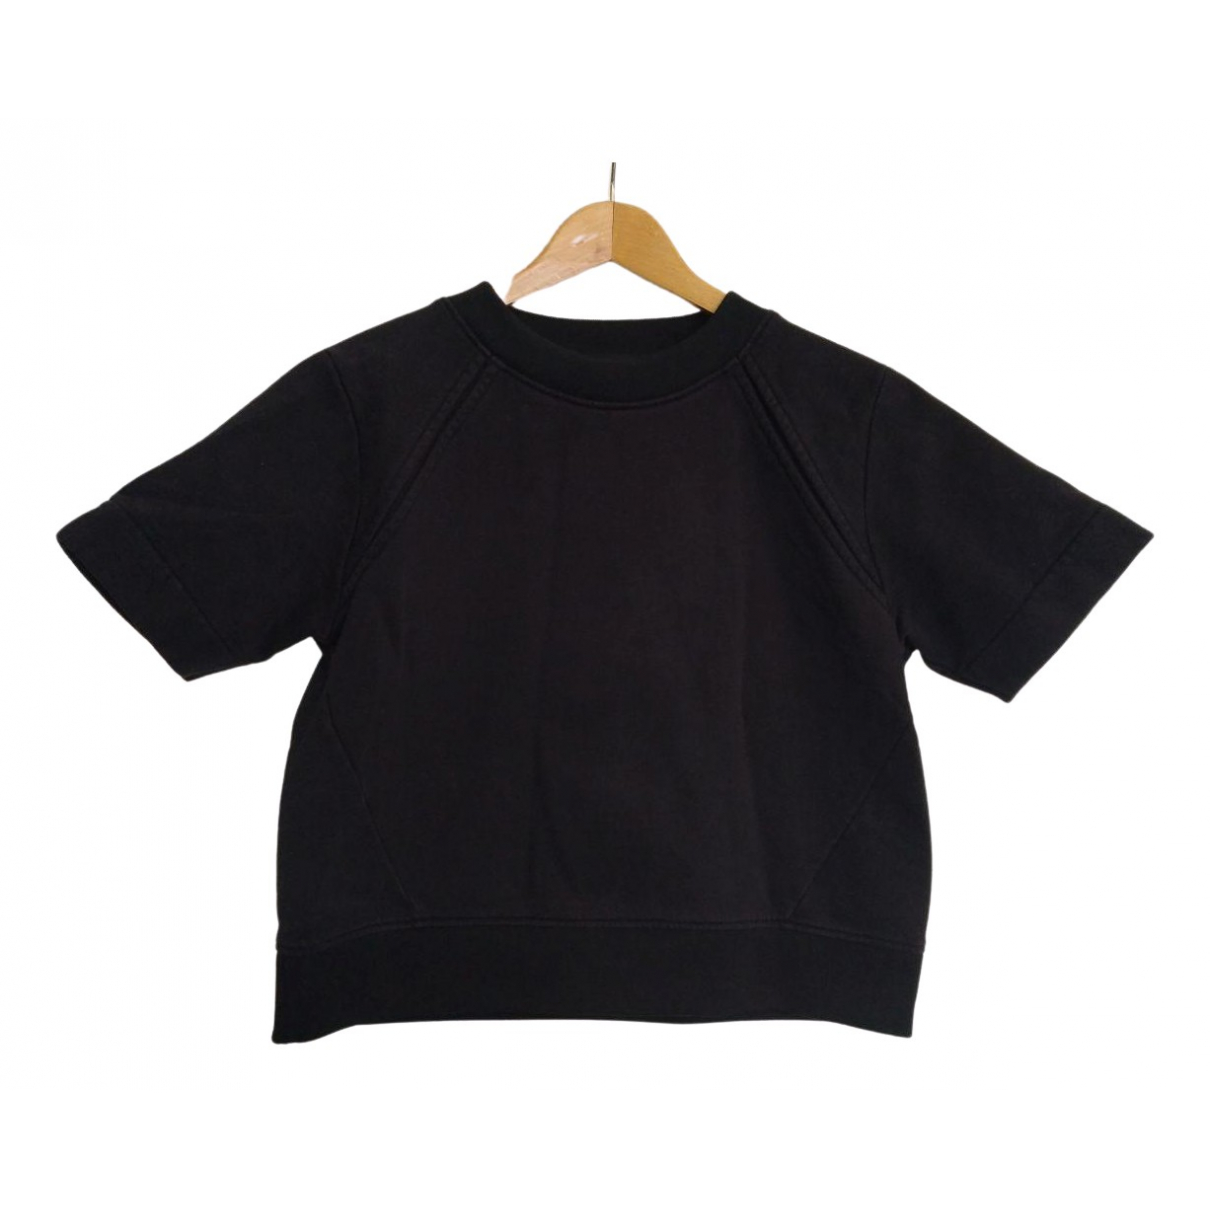 Acne Studios - Pull   pour femme en coton - noir